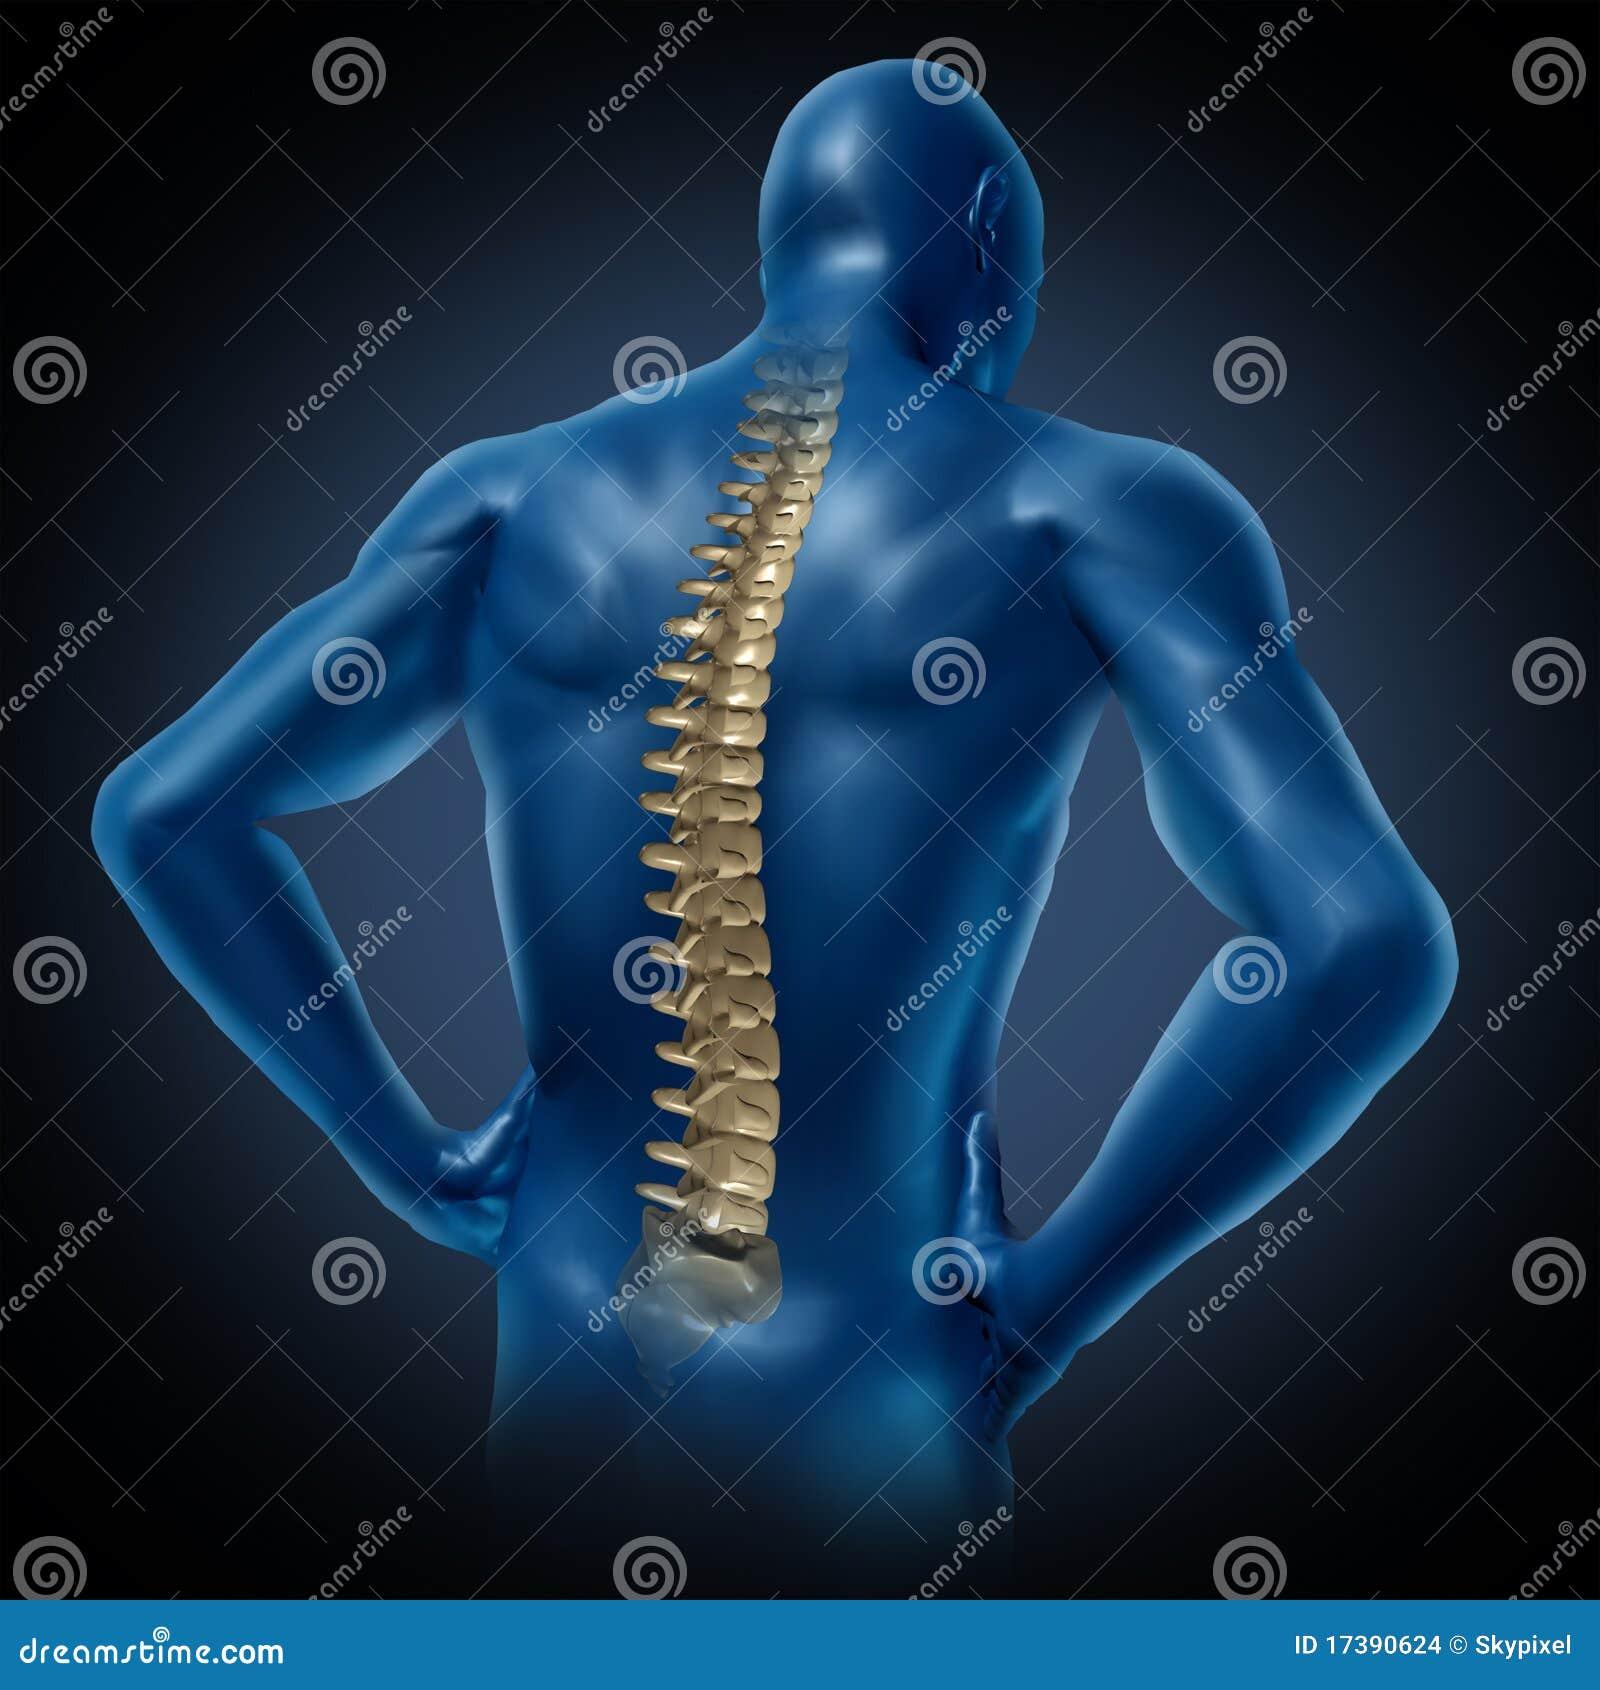 Postura posterior de la espina dorsal del ser humano